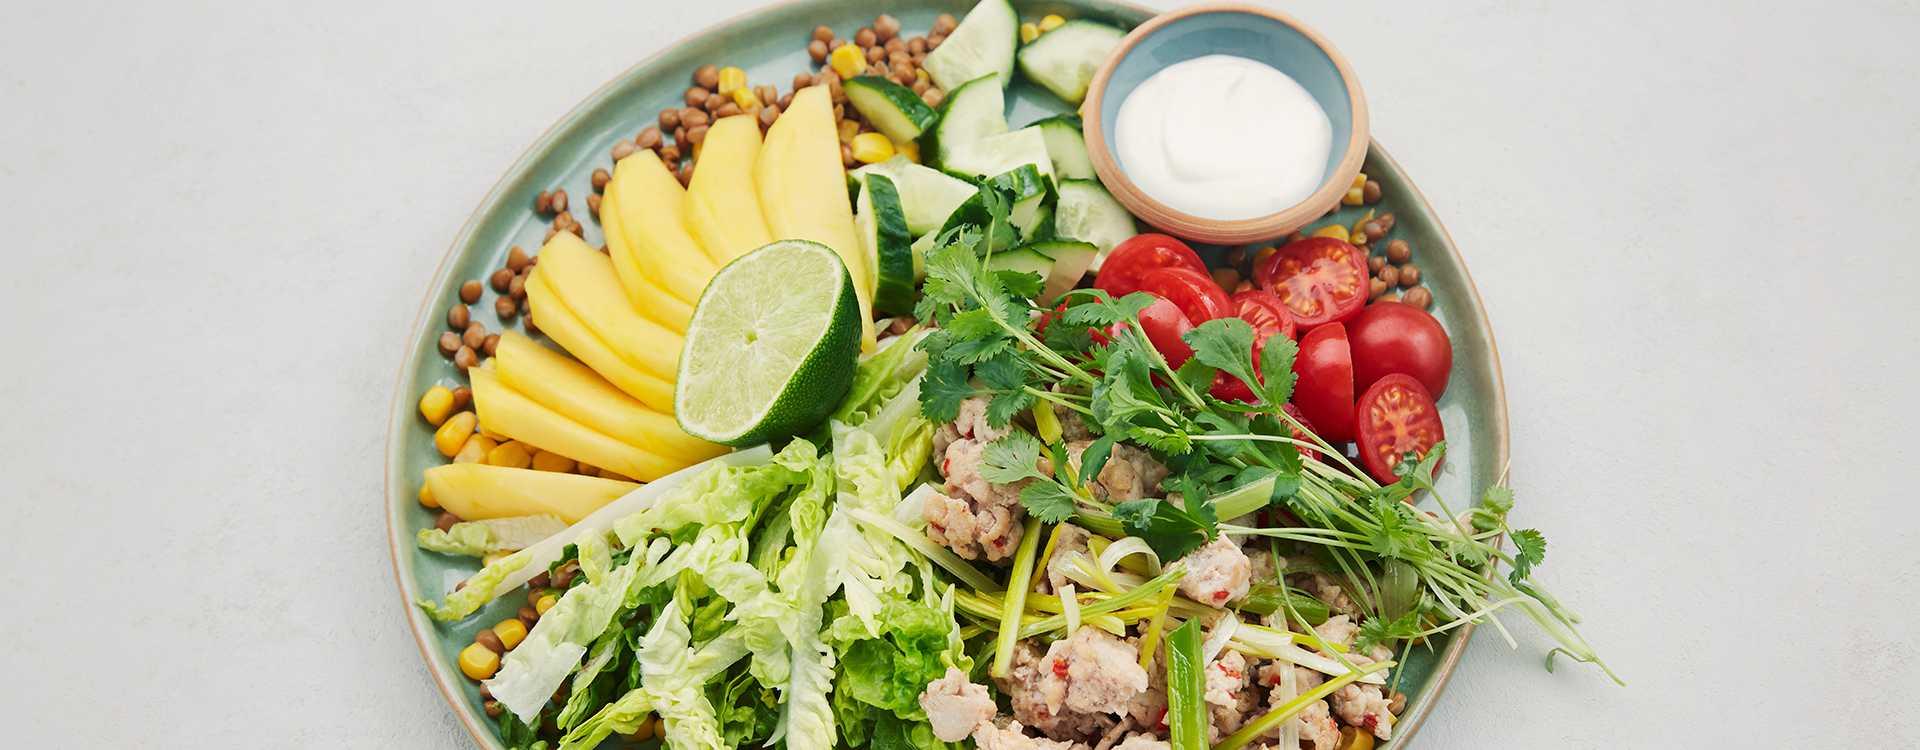 Meksikansk linsesalat med kyllingkjøttdeig